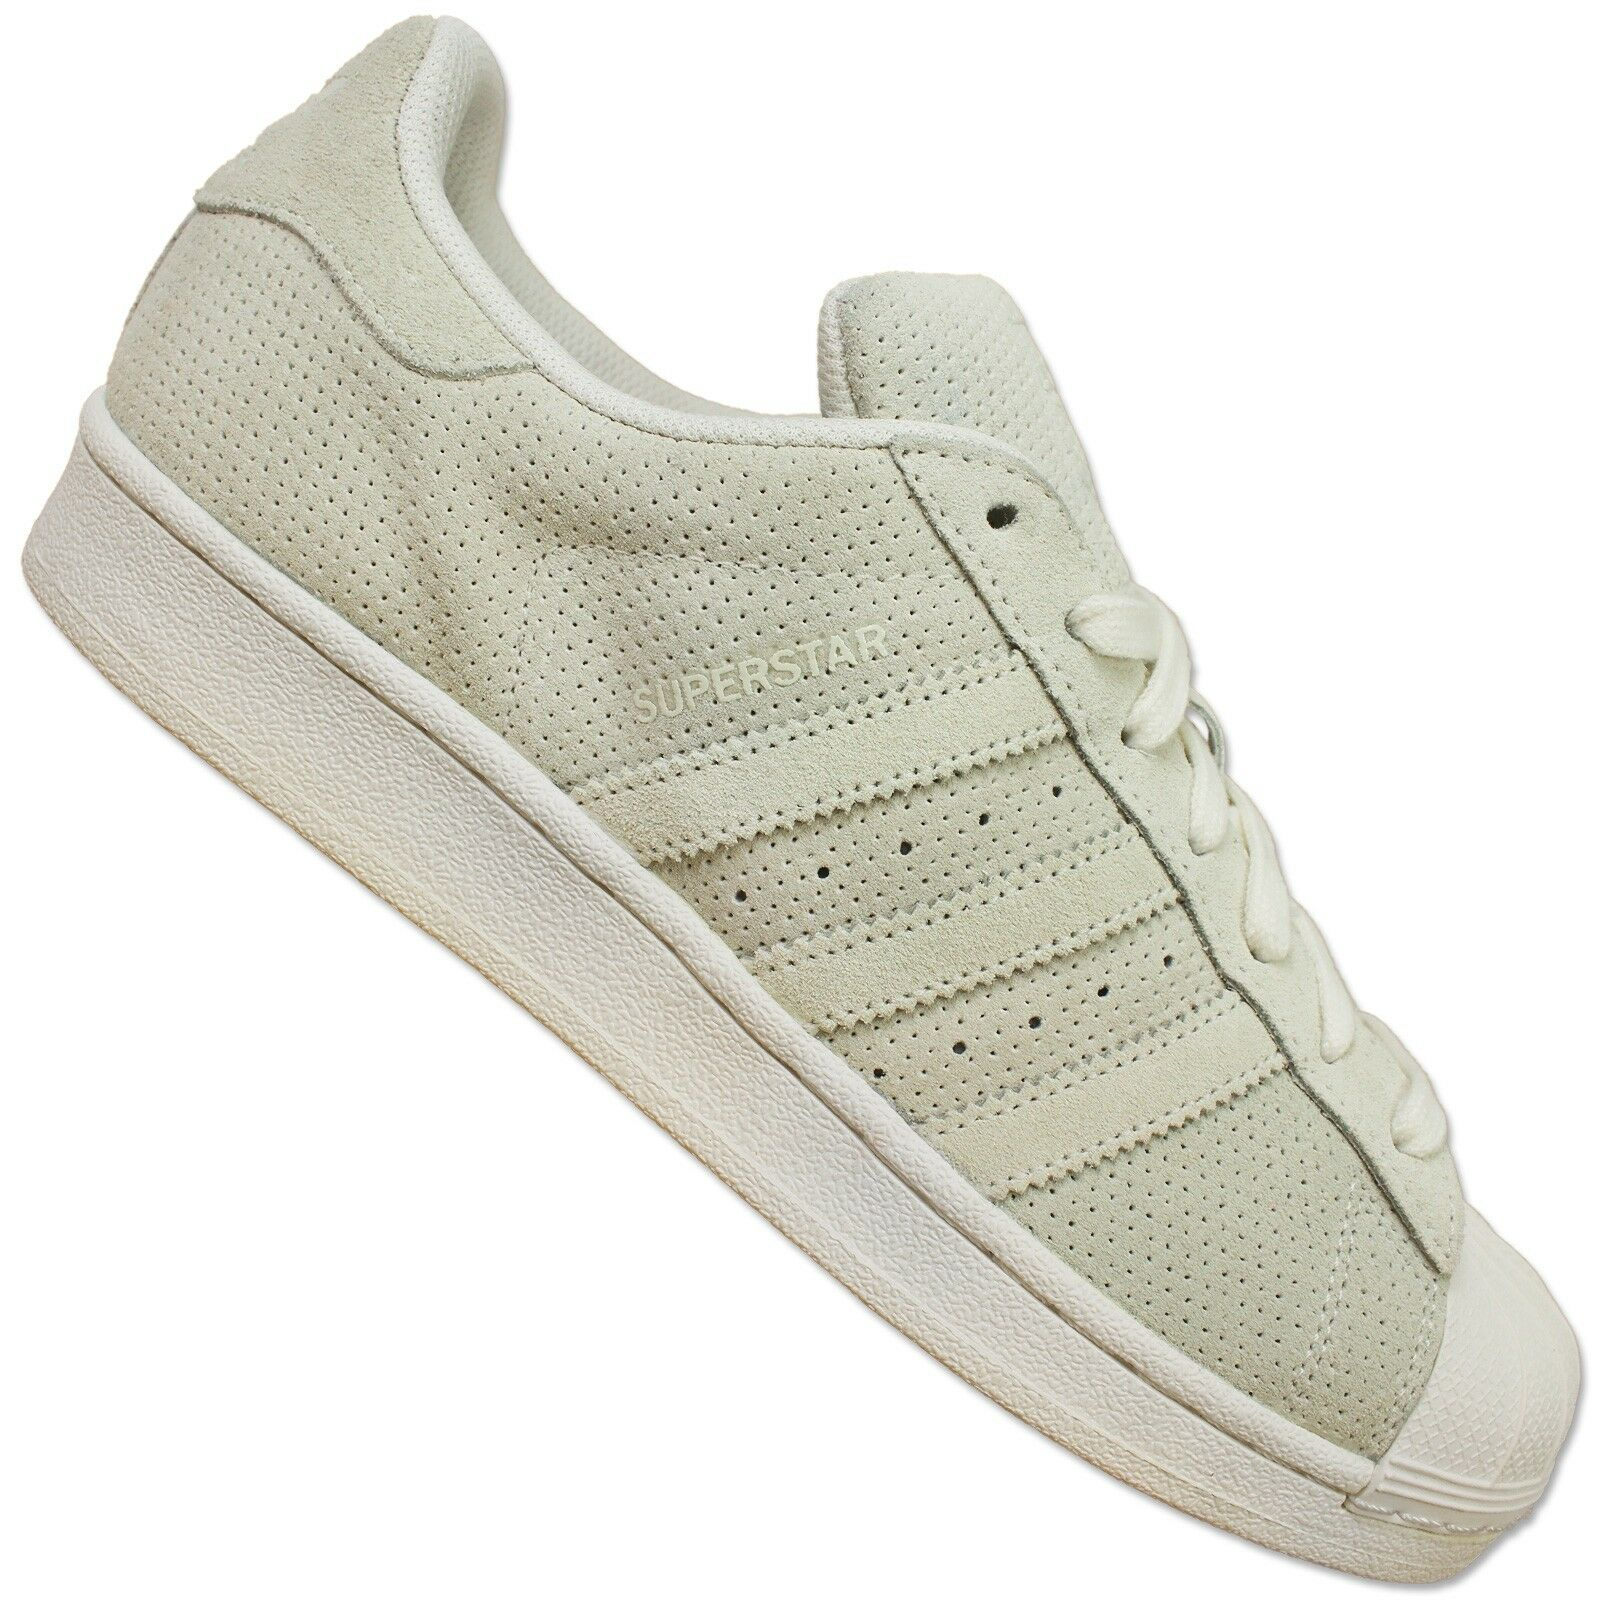 Gum Schuhe Gr37 46 Rom Adidas Turnschuhe Sneaker Leder Grün